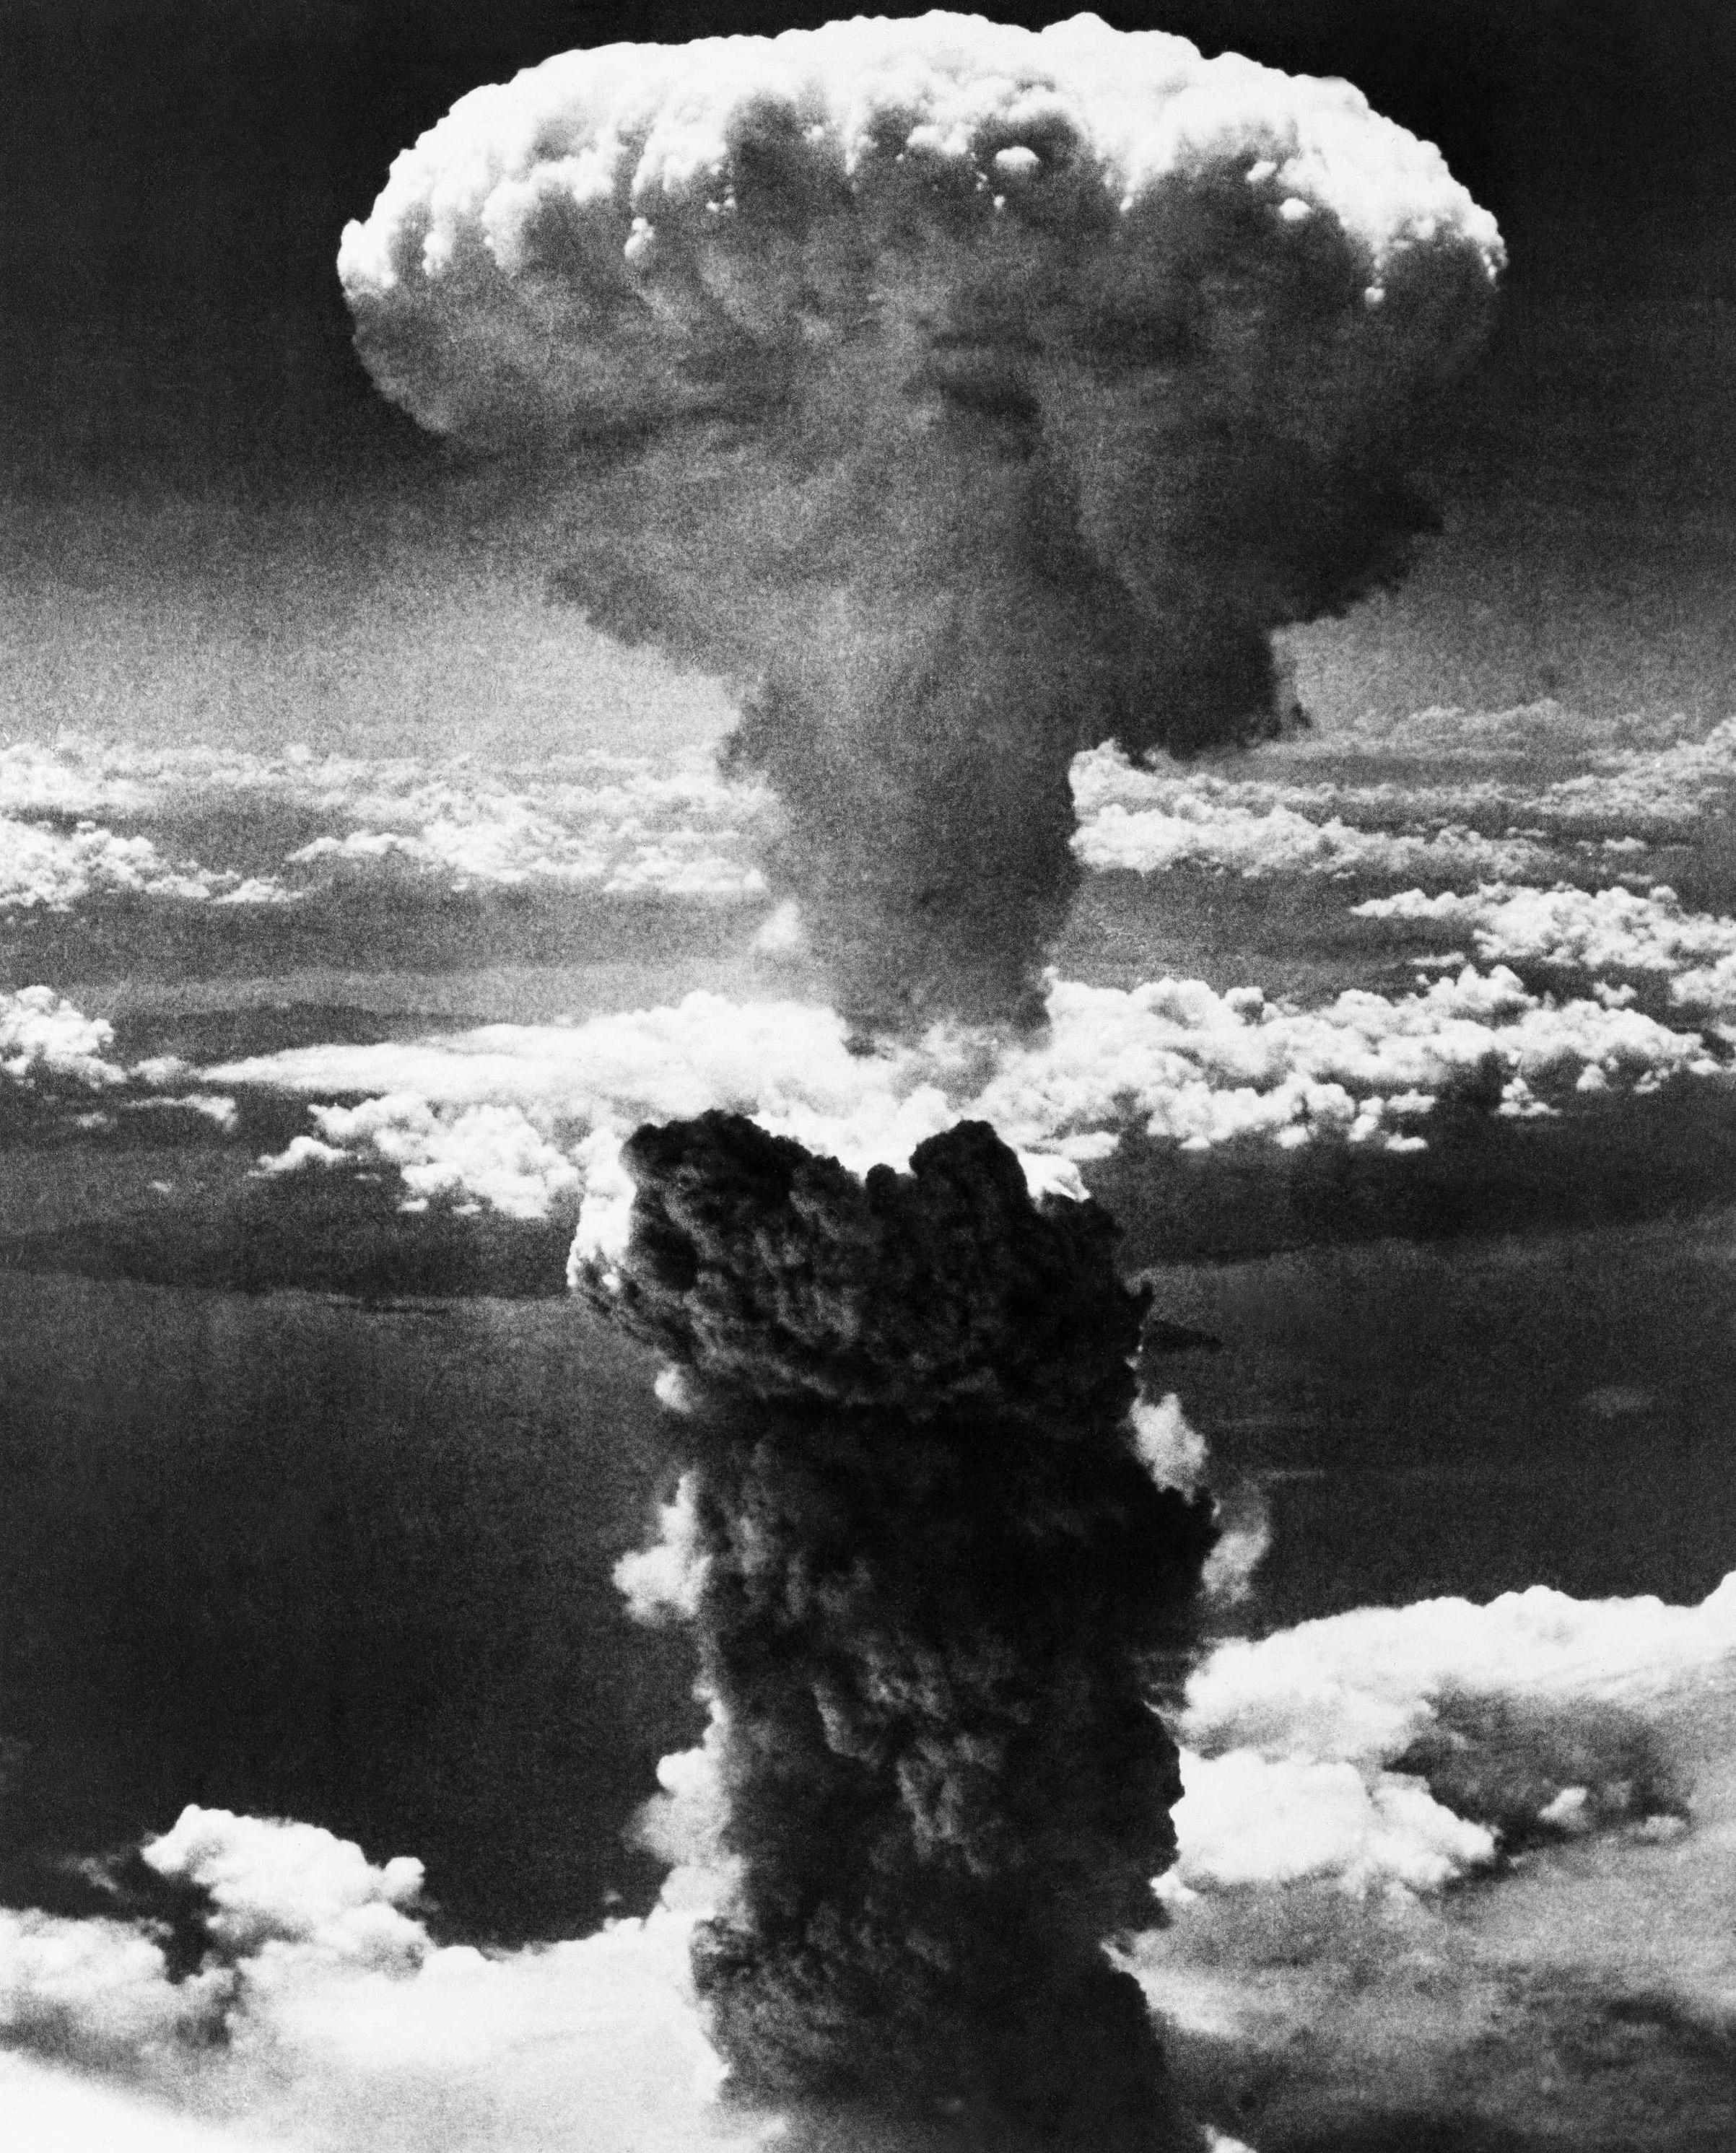 અમેરિકાએ 'ઈનેલો ગે' નામના વિમાનથી હિરોશિમા પર 'લિટલ બોય' નામનો પરમાણુ બોમ્બ ફેંક્યો હતો. એ બાદ 9 ઓગસ્ટે 'બી-29' નામના વિમાનથી જાપાનના નાગાસાકી શહેર પર 'ફેટ મેન' નામનો પ્લૂટોનિયમ બોમ્બ ફેંક્યો હતો. એ બાદ મશરૂમ જેવાં વાદળાં બની ગયાં હતાં.